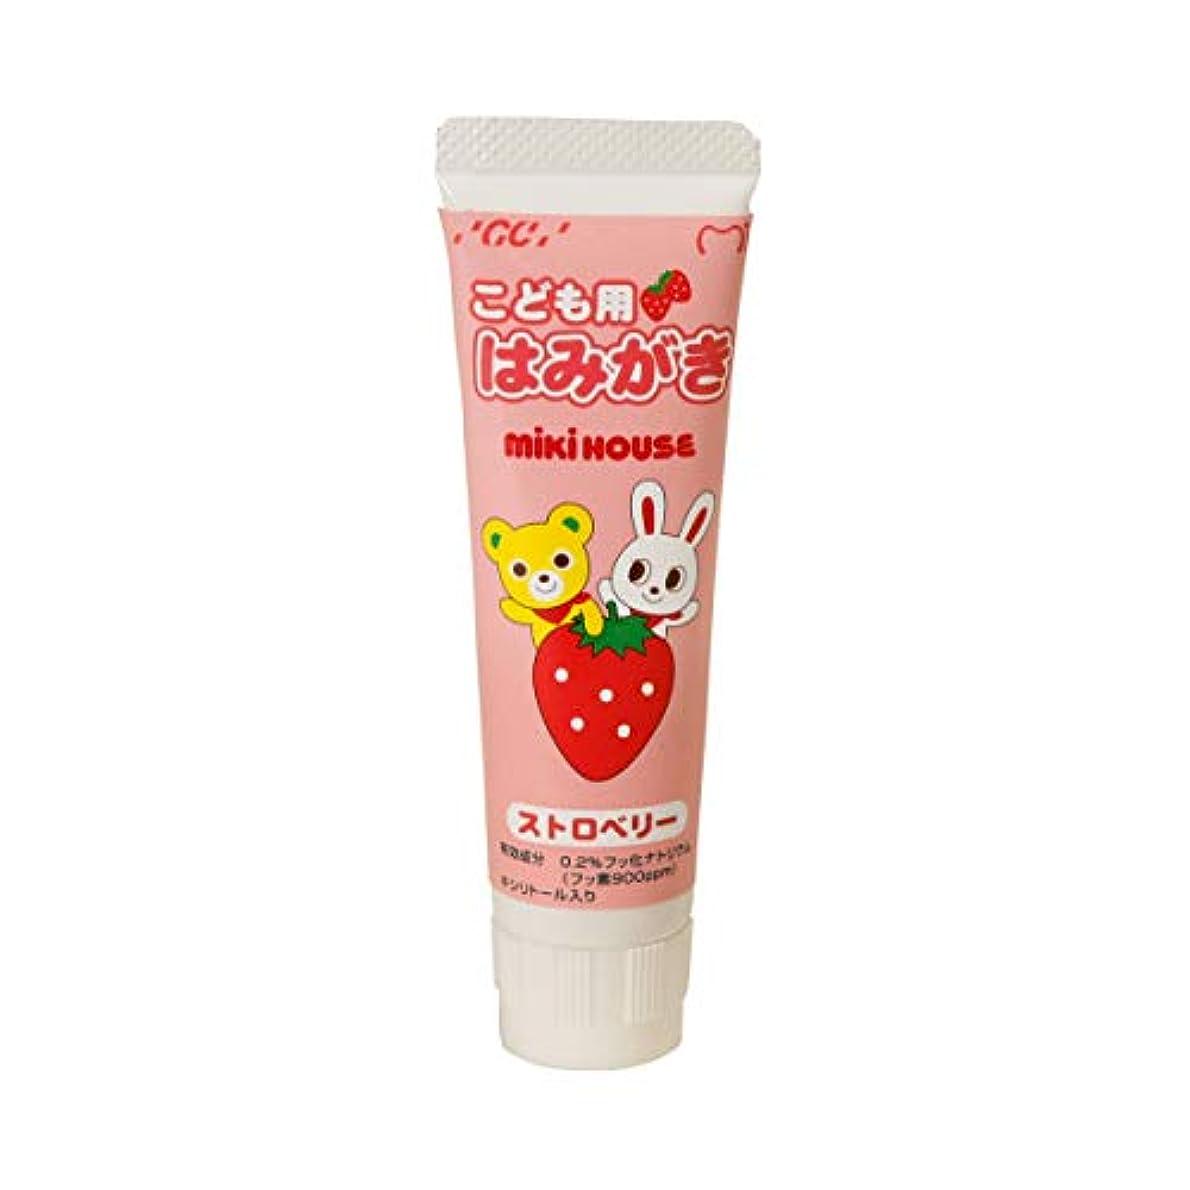 ビート美しい不格好ミキハウス (MIKIHOUSE) 歯みがき 15-4065-676 - ピンク